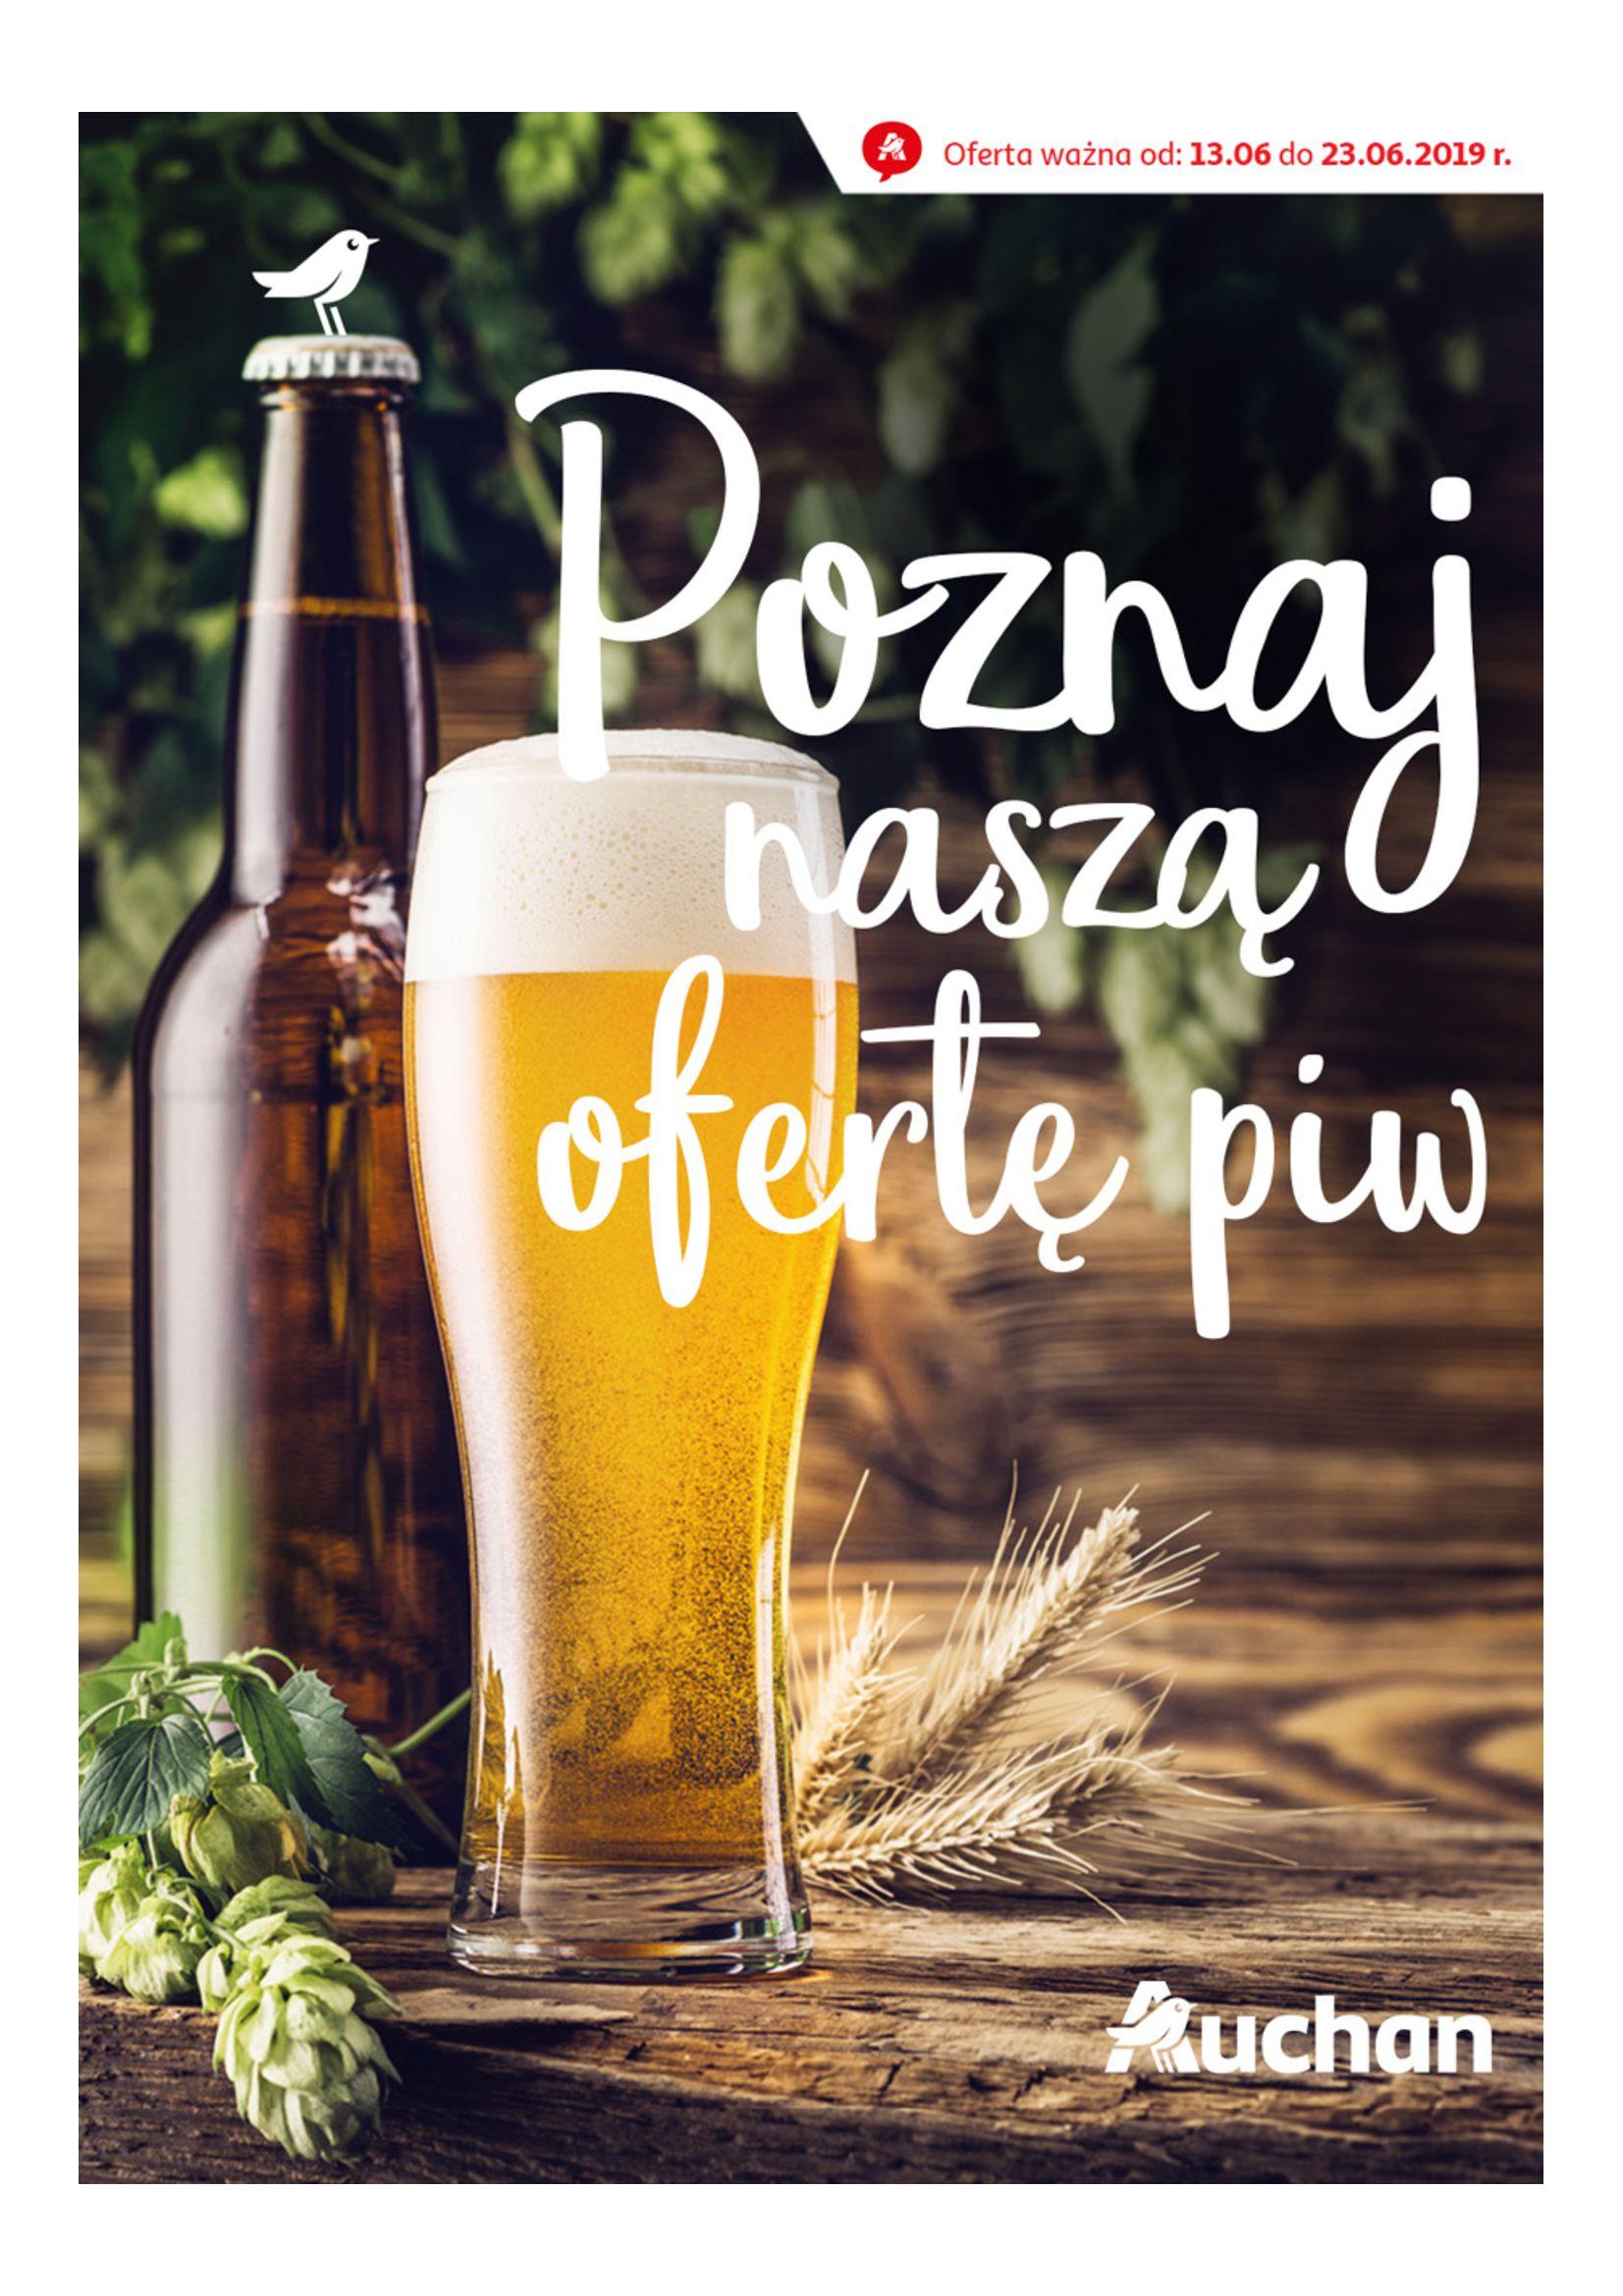 Gazetka Auchan - Poznaj naszą ofertę piw Hipermarkety-12.06.2019-23.06.2019-page-1